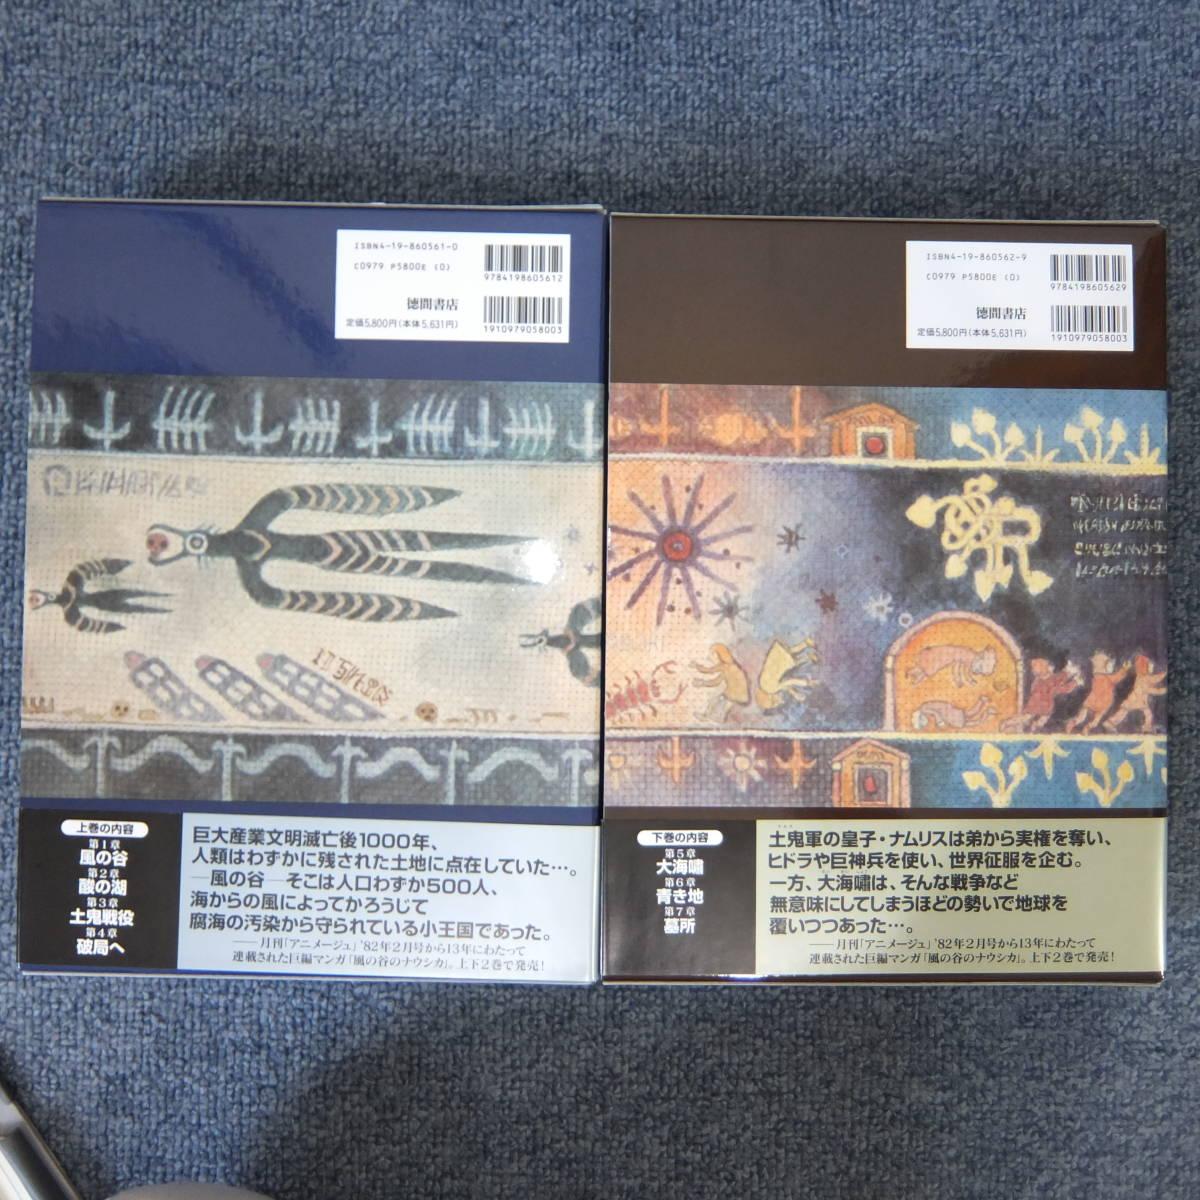 【レア/希少】 風の谷のナウシカ  装幀本 (上下巻) 計2冊 宮崎駿 アニメージュ 【同梱可】_画像2